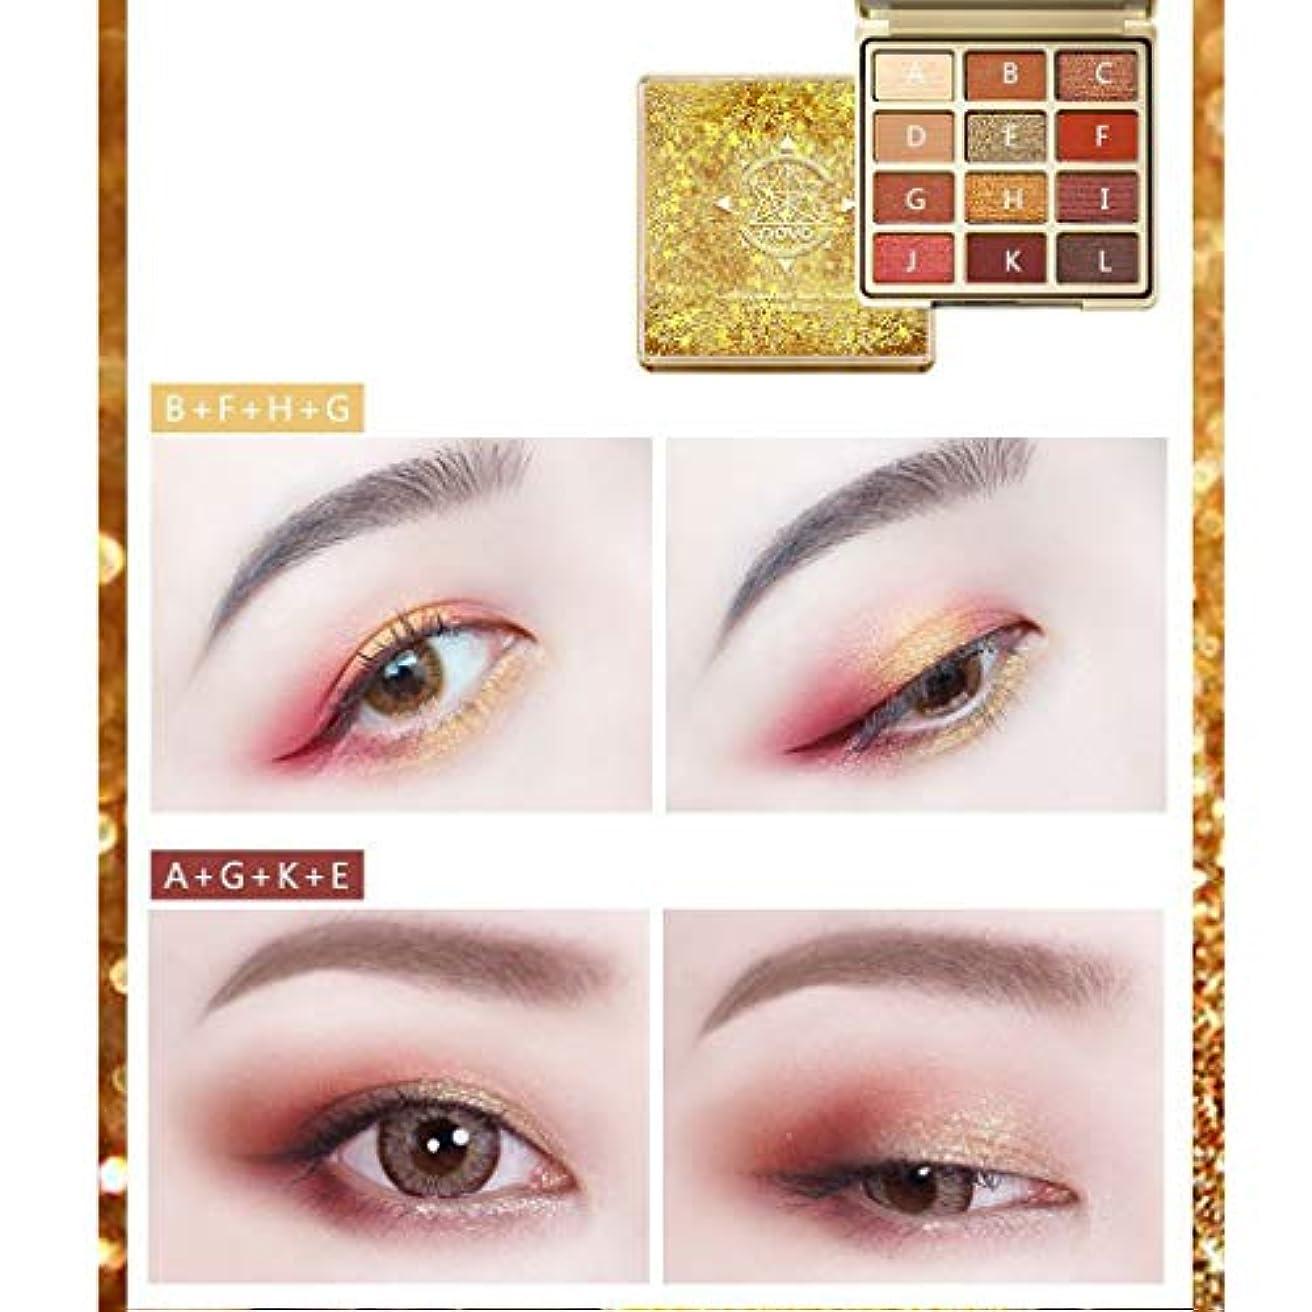 比類のない光の把握Akane アイシャドウパレット Novo ファッション INS 人気 超綺麗 美しい キラキラ 優雅な 防水 魅力的 高級 可愛い 持ち便利 日常 Eye Shadow (12色) 103